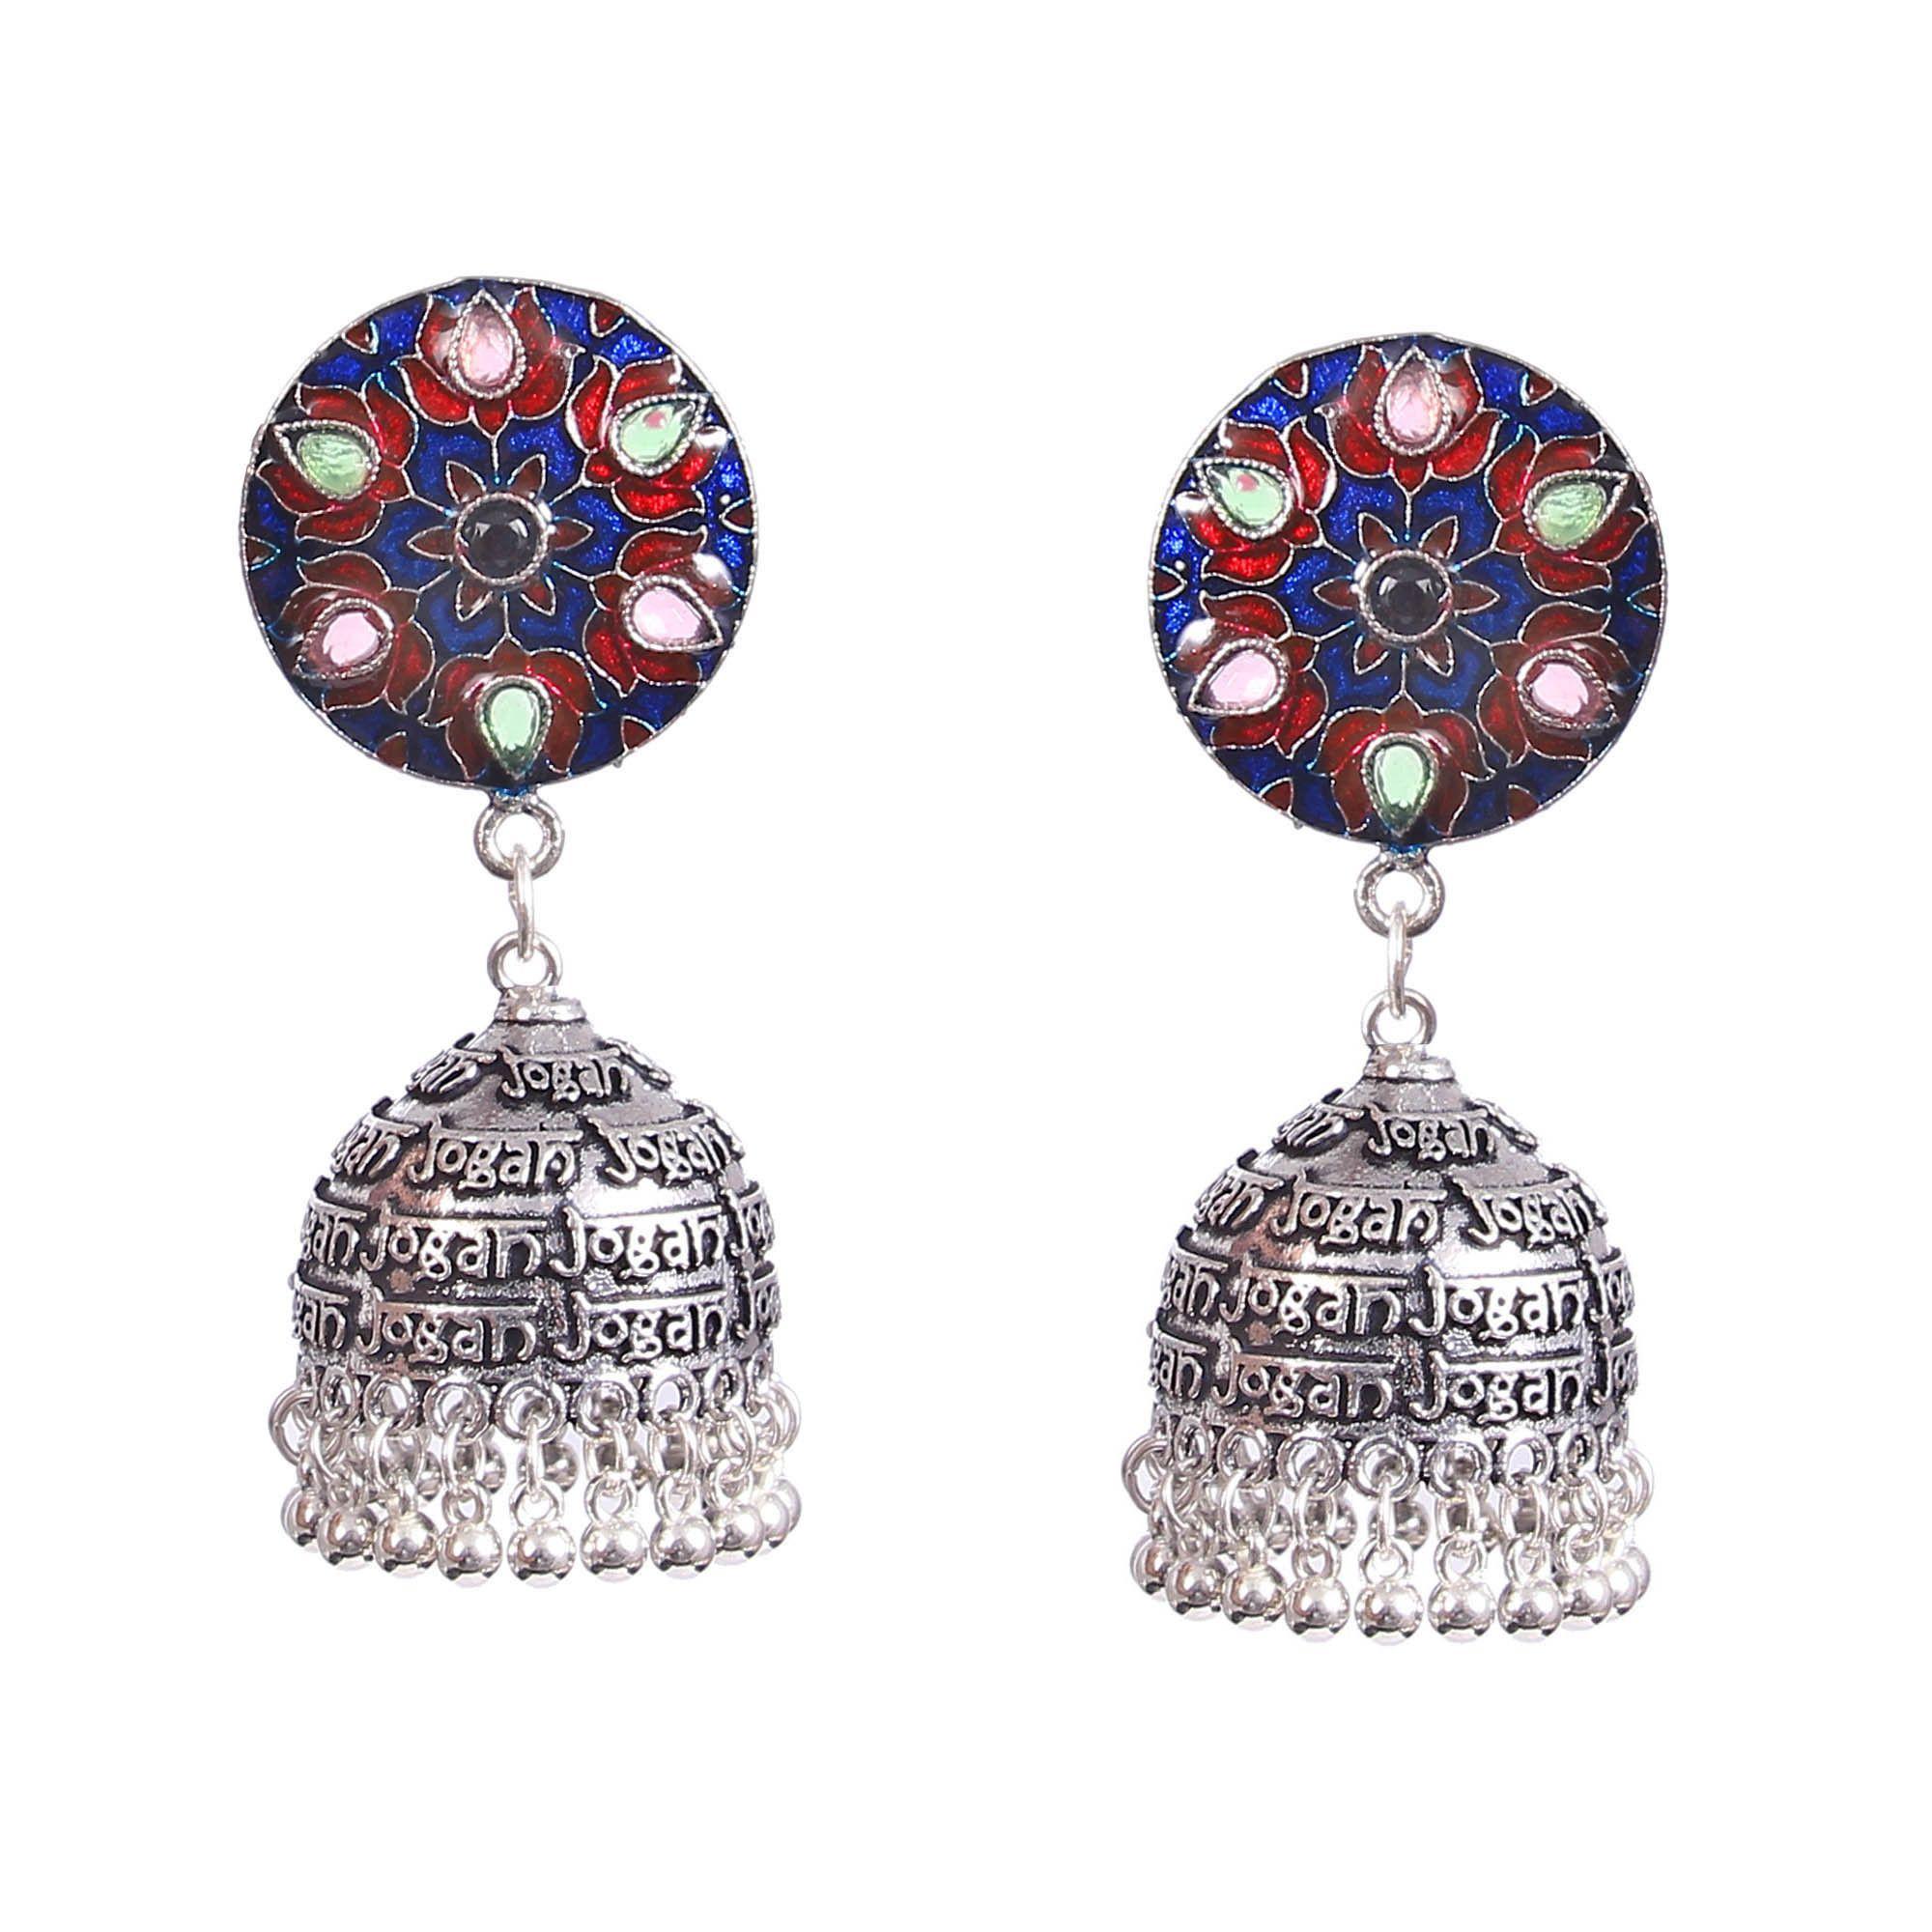 Dangle Earrings Bollywood style earrings. Indian silver plated oxidized earings German silver earrings